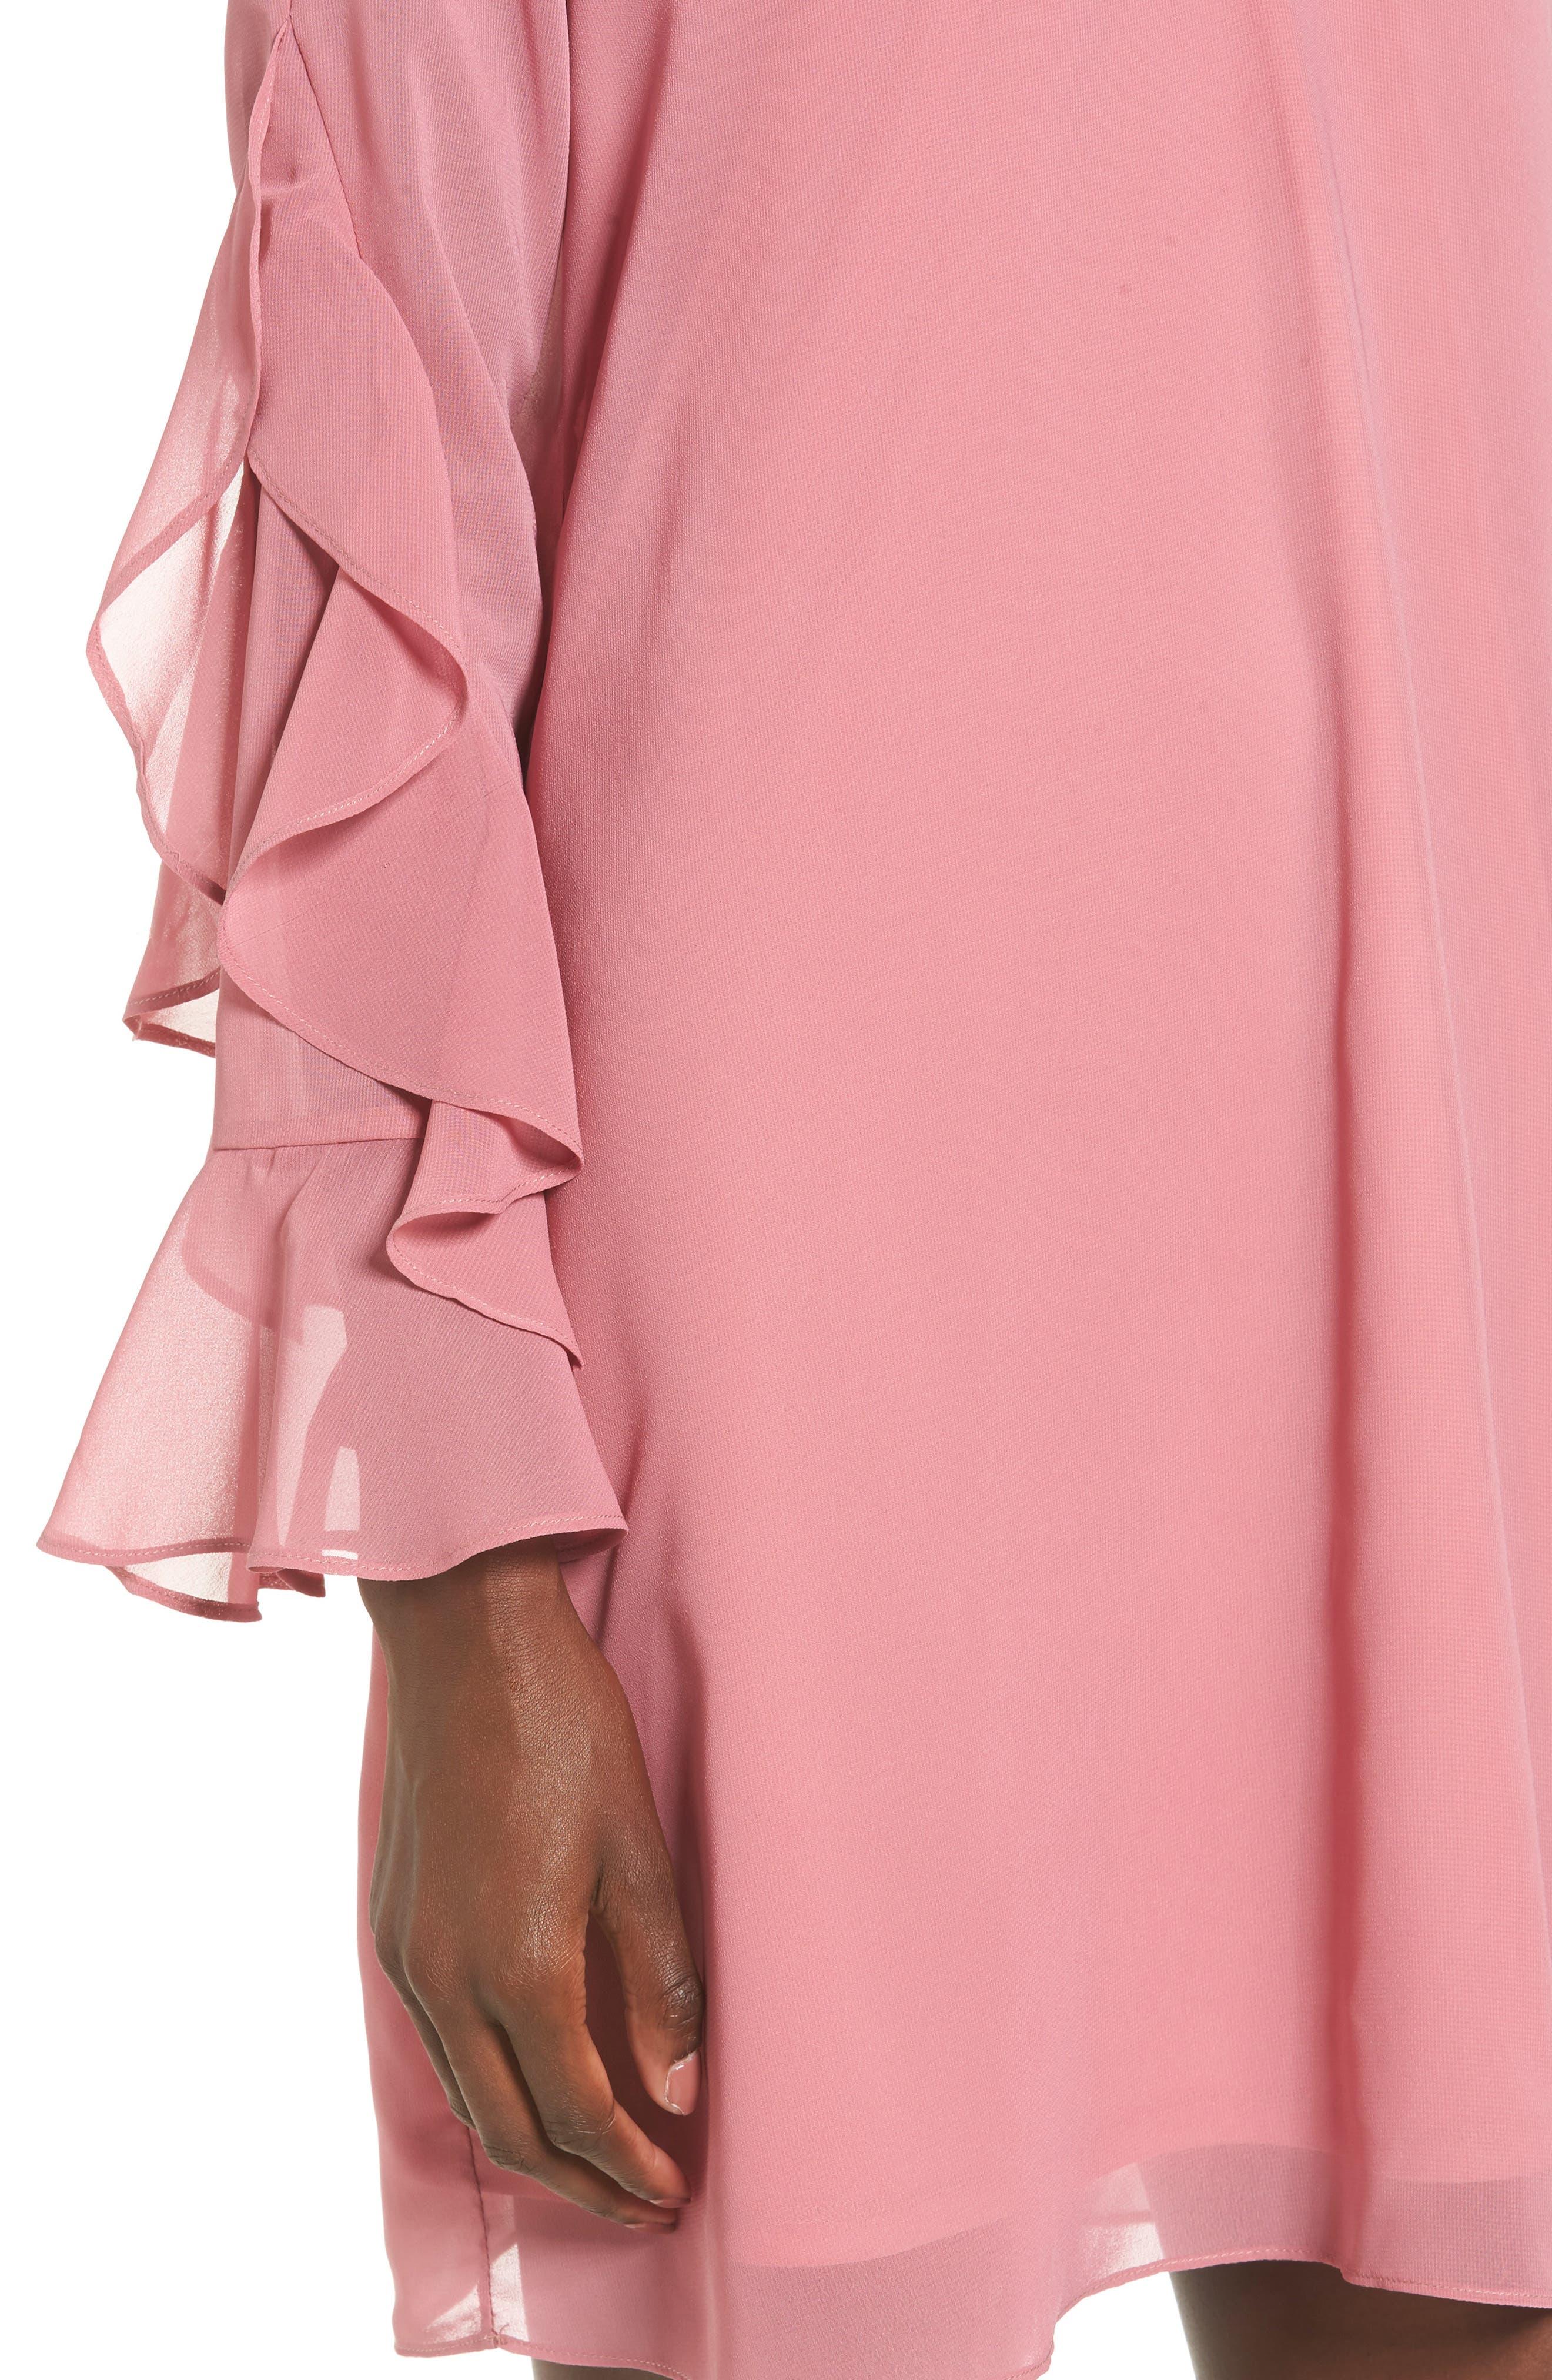 Ruffle Sleeve Shift Dress,                             Alternate thumbnail 15, color,